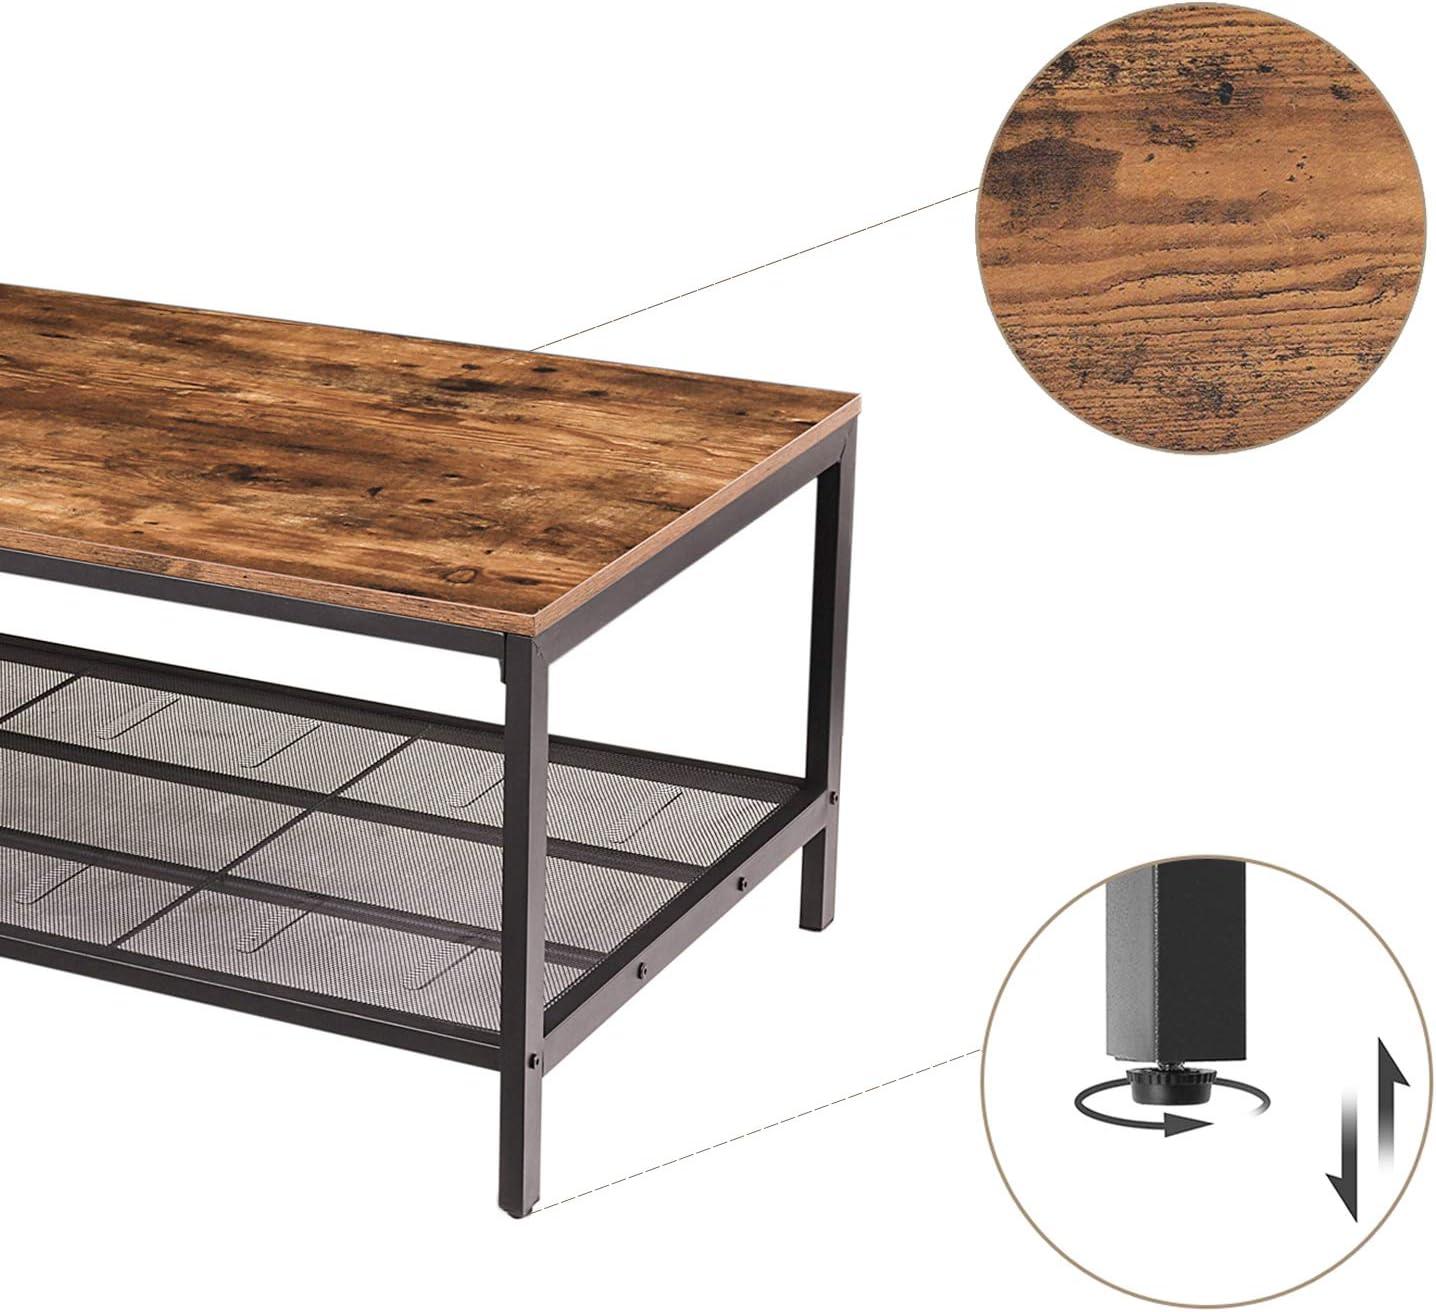 Dunkelbraun EBF02KF01 industrieller Cocktailtisch mit Aufbewahrungsregal f/ür Wohnzimmer HOOBRO Couchtisch Stabiler und Funktionstisch M/öbel in Holzoptik mit Metallrahmen einfach zu montieren